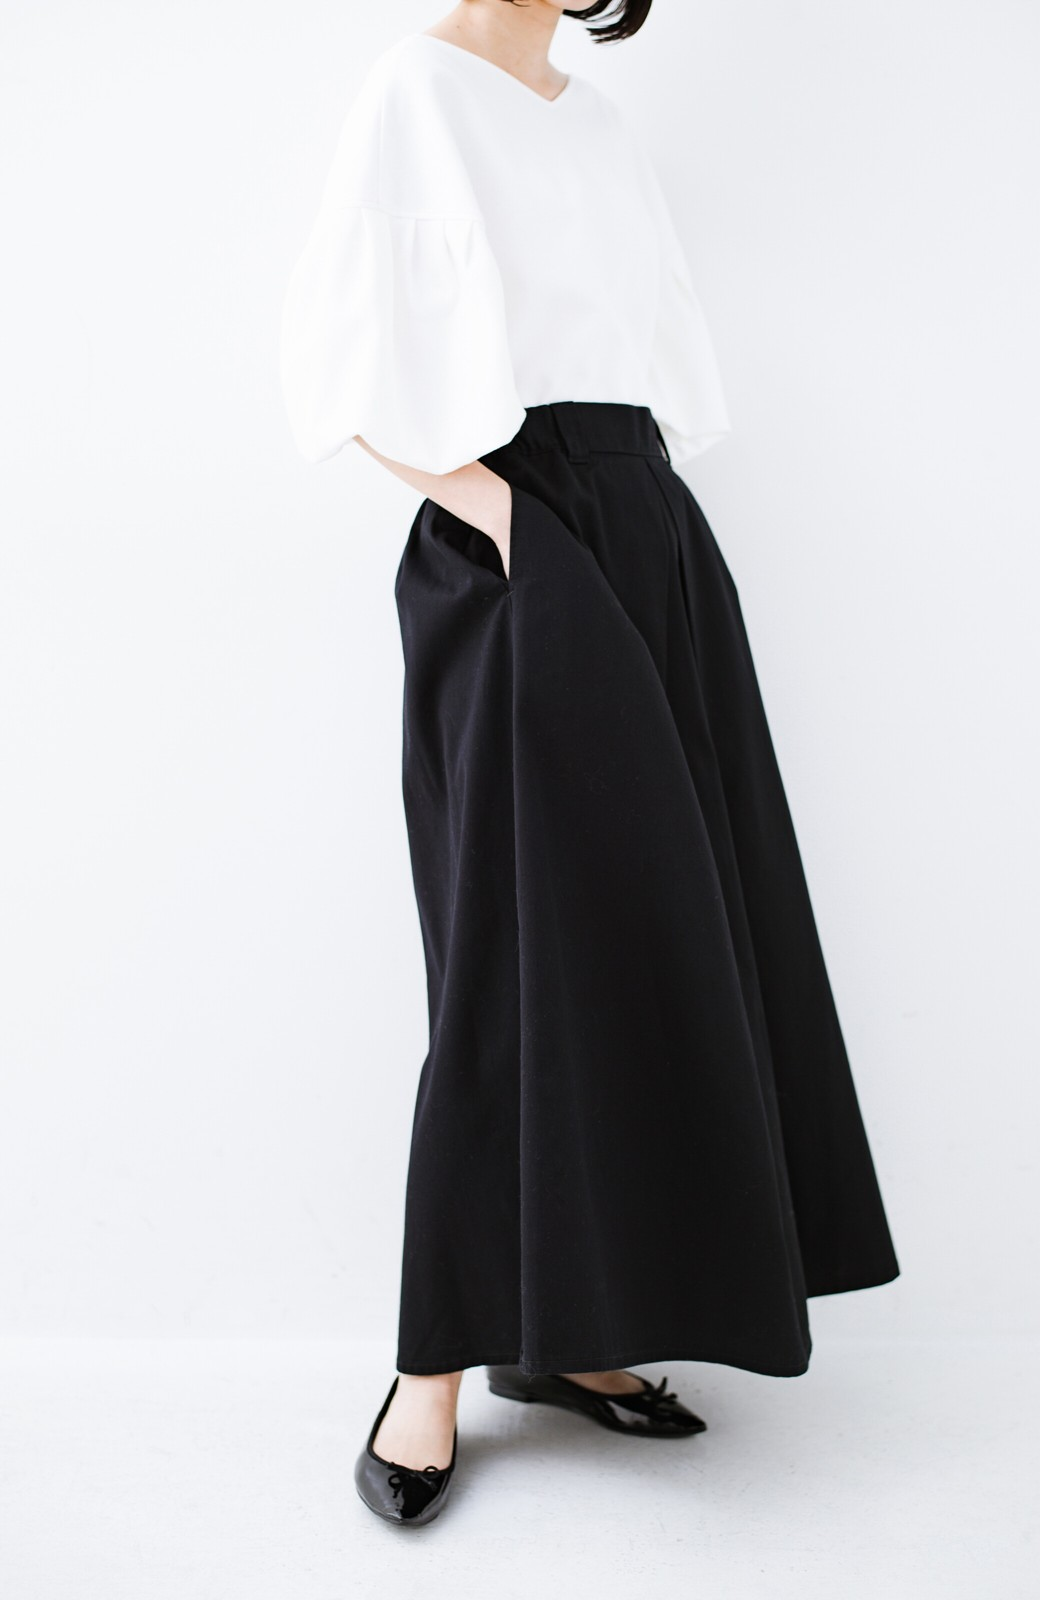 haco! ロングシーズン楽しめる タックボリュームのチノロングスカート <ブラック>の商品写真4